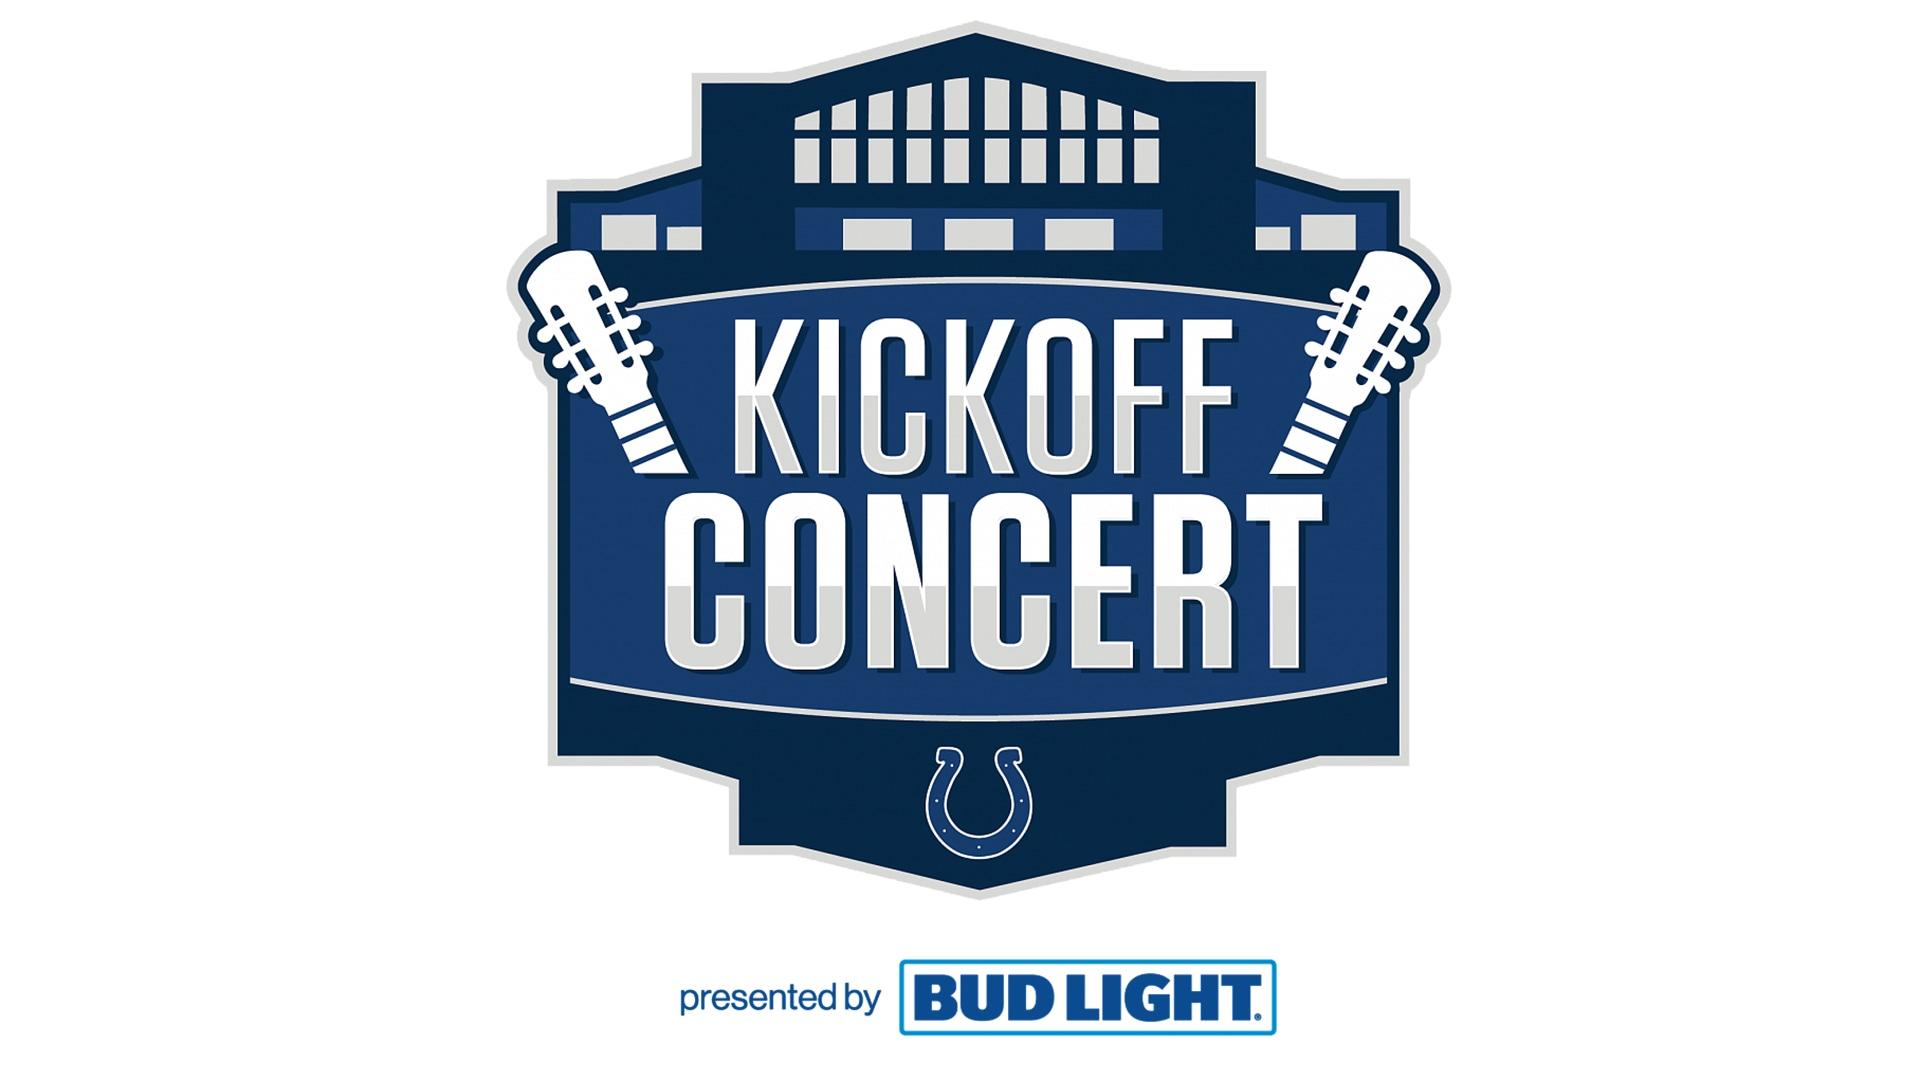 2019 Indianapolis Colts Kickoff Concert